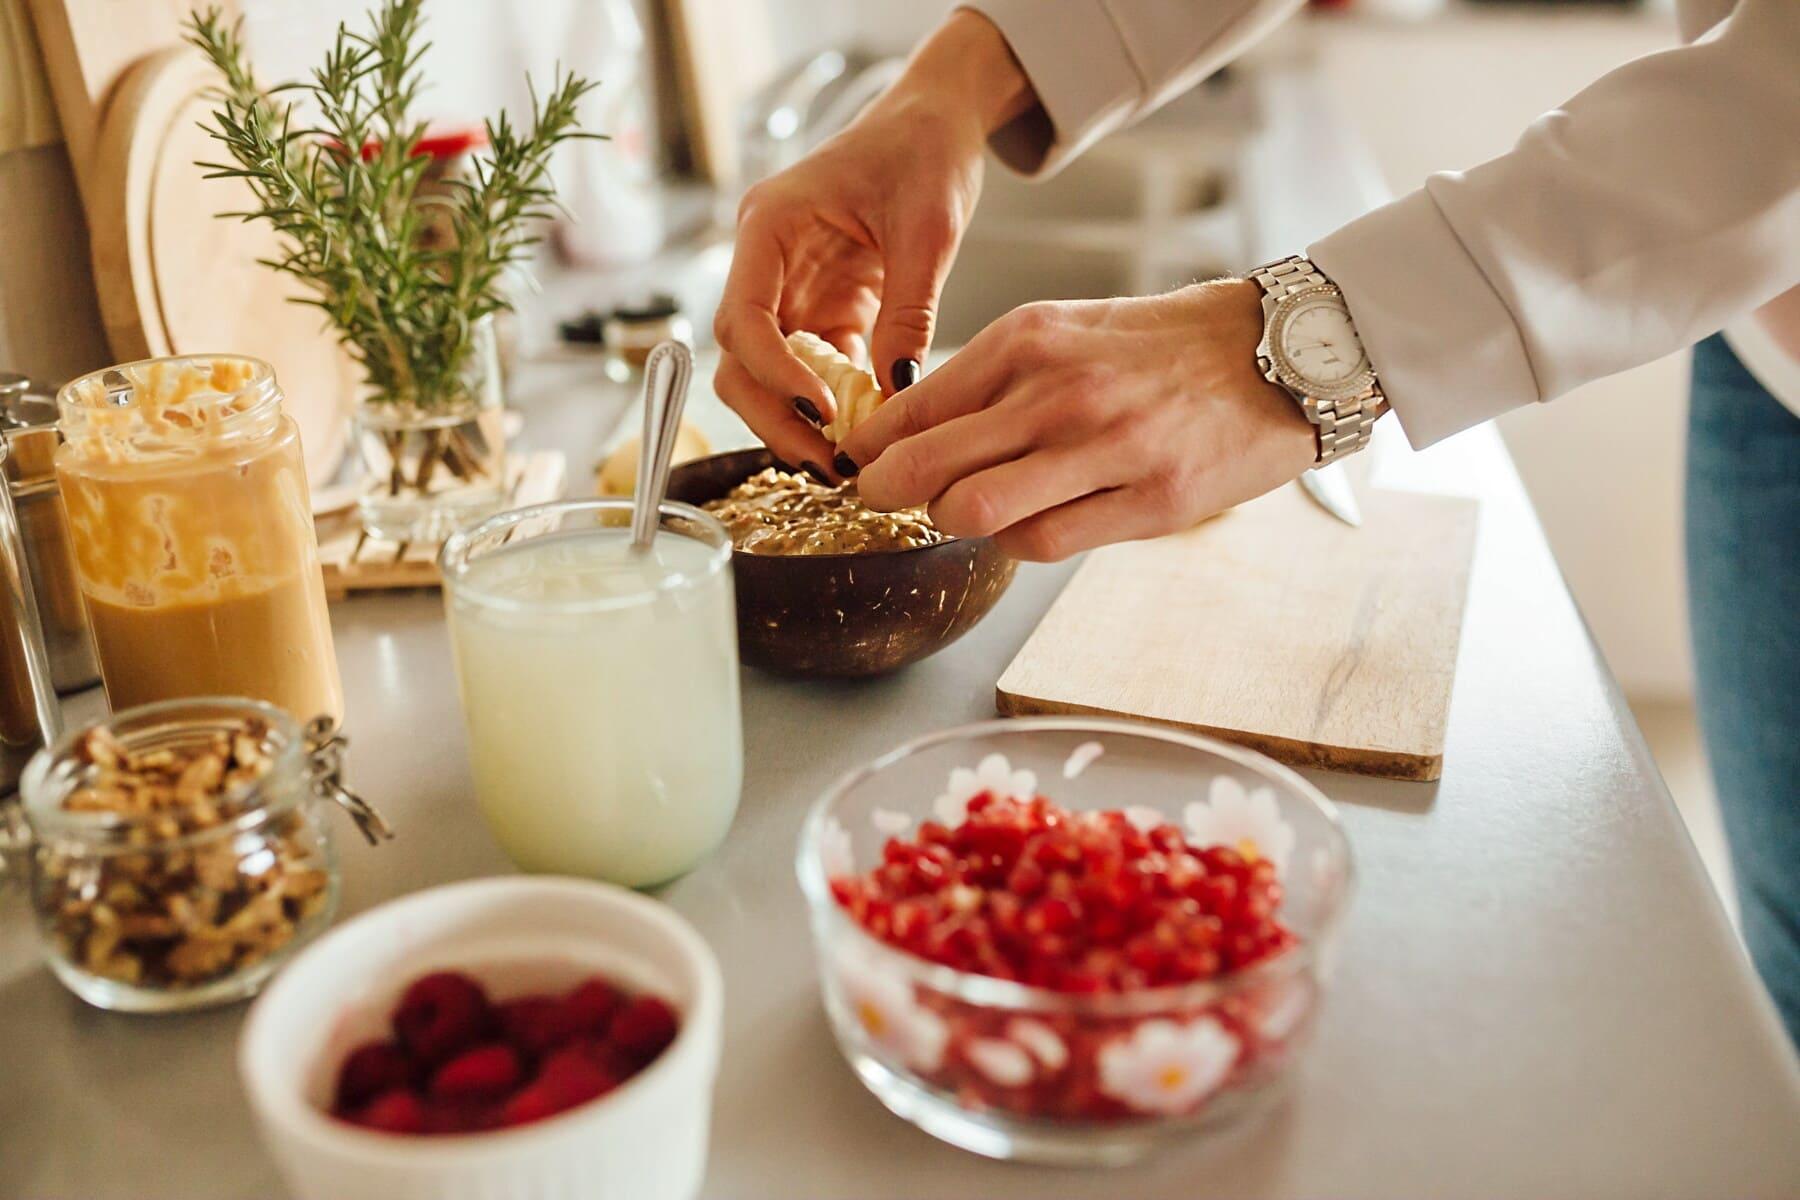 préparation, en bonne santé, le petit déjeuner, femme, mains, table de cuisine, ustensiles de cuisine, cuisine, jus de fruits, alimentaire